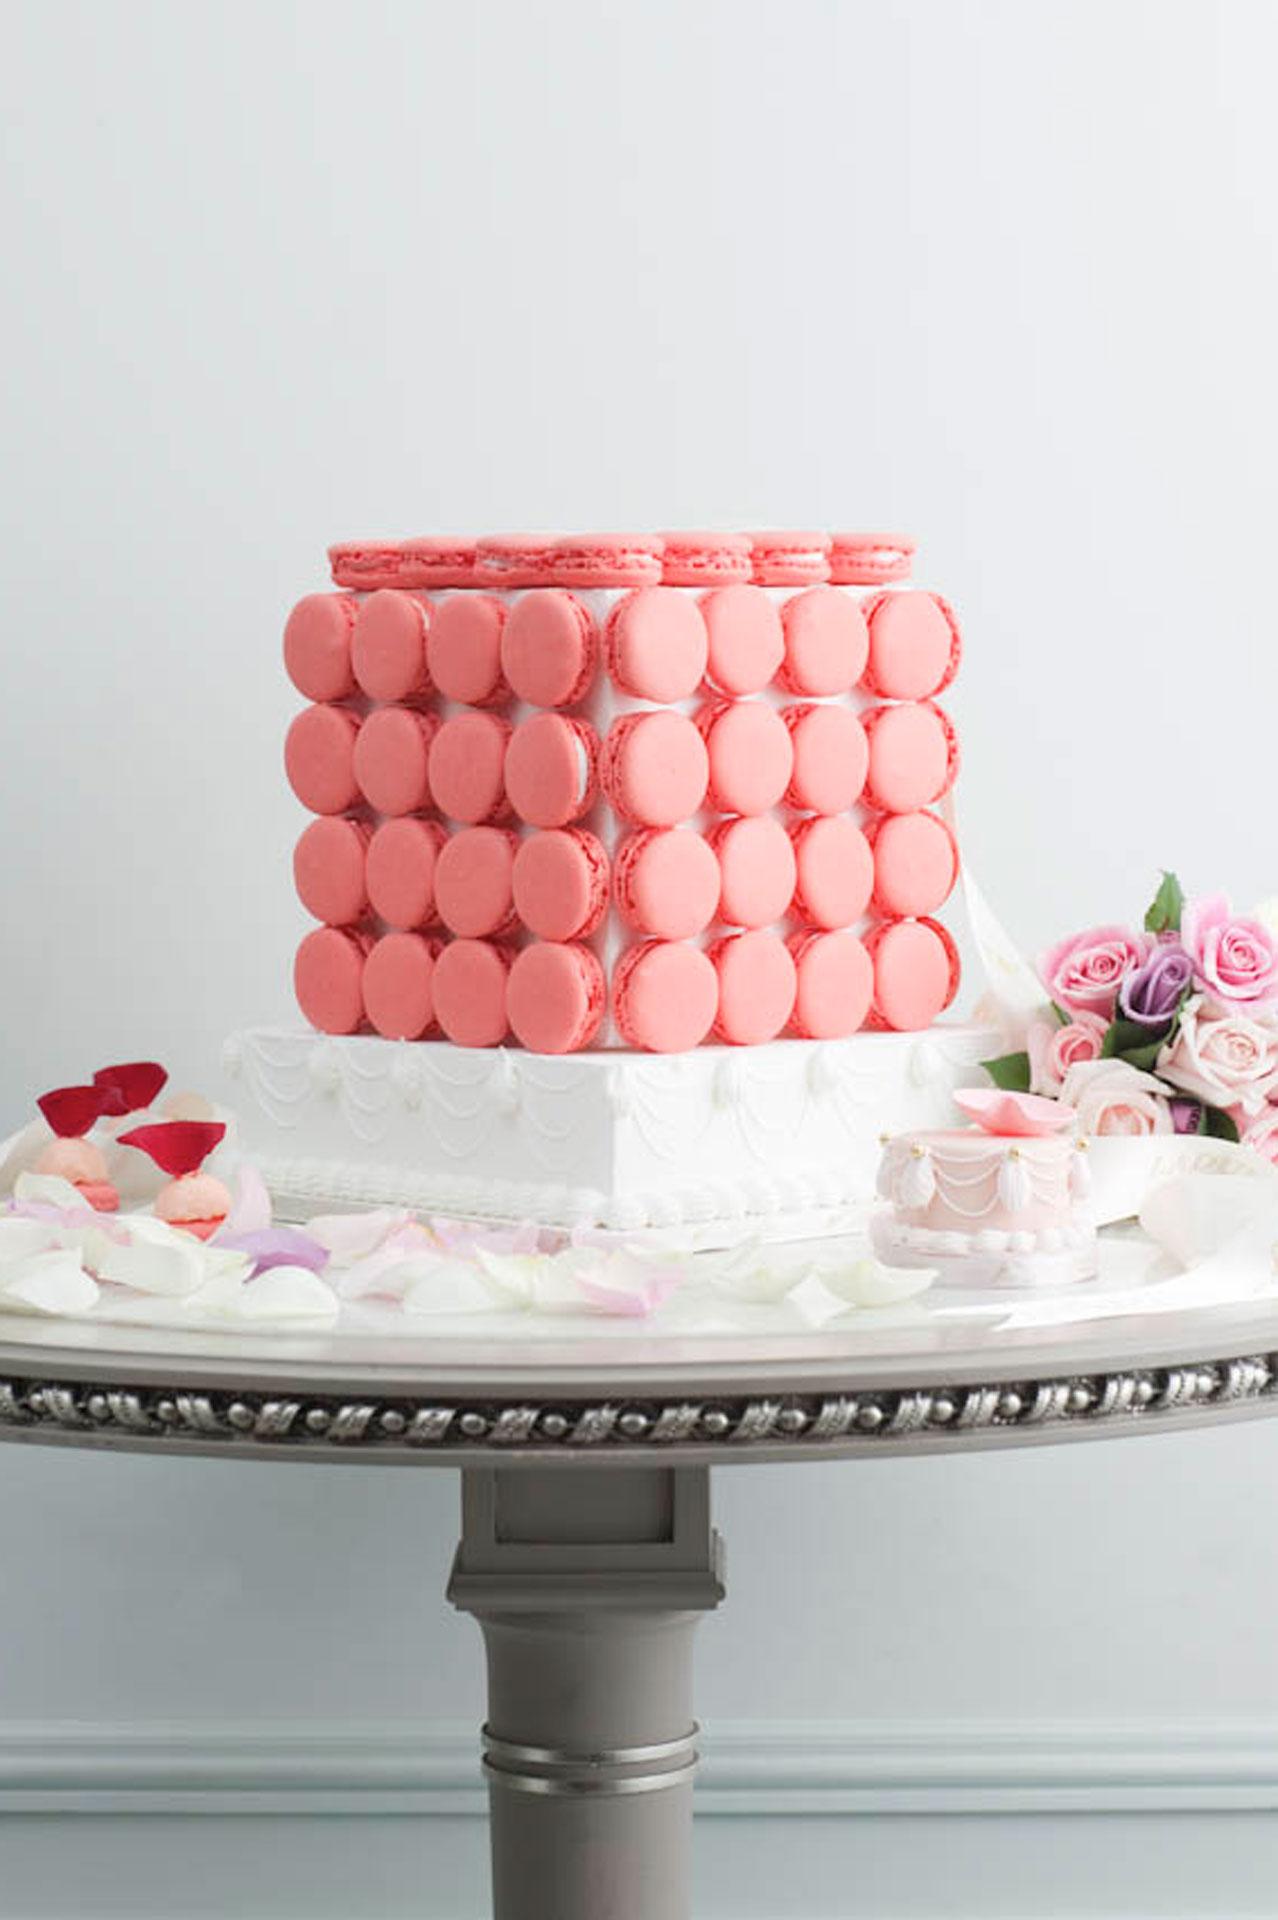 Ladurée французский макарон интервью торт свадебный фото 14